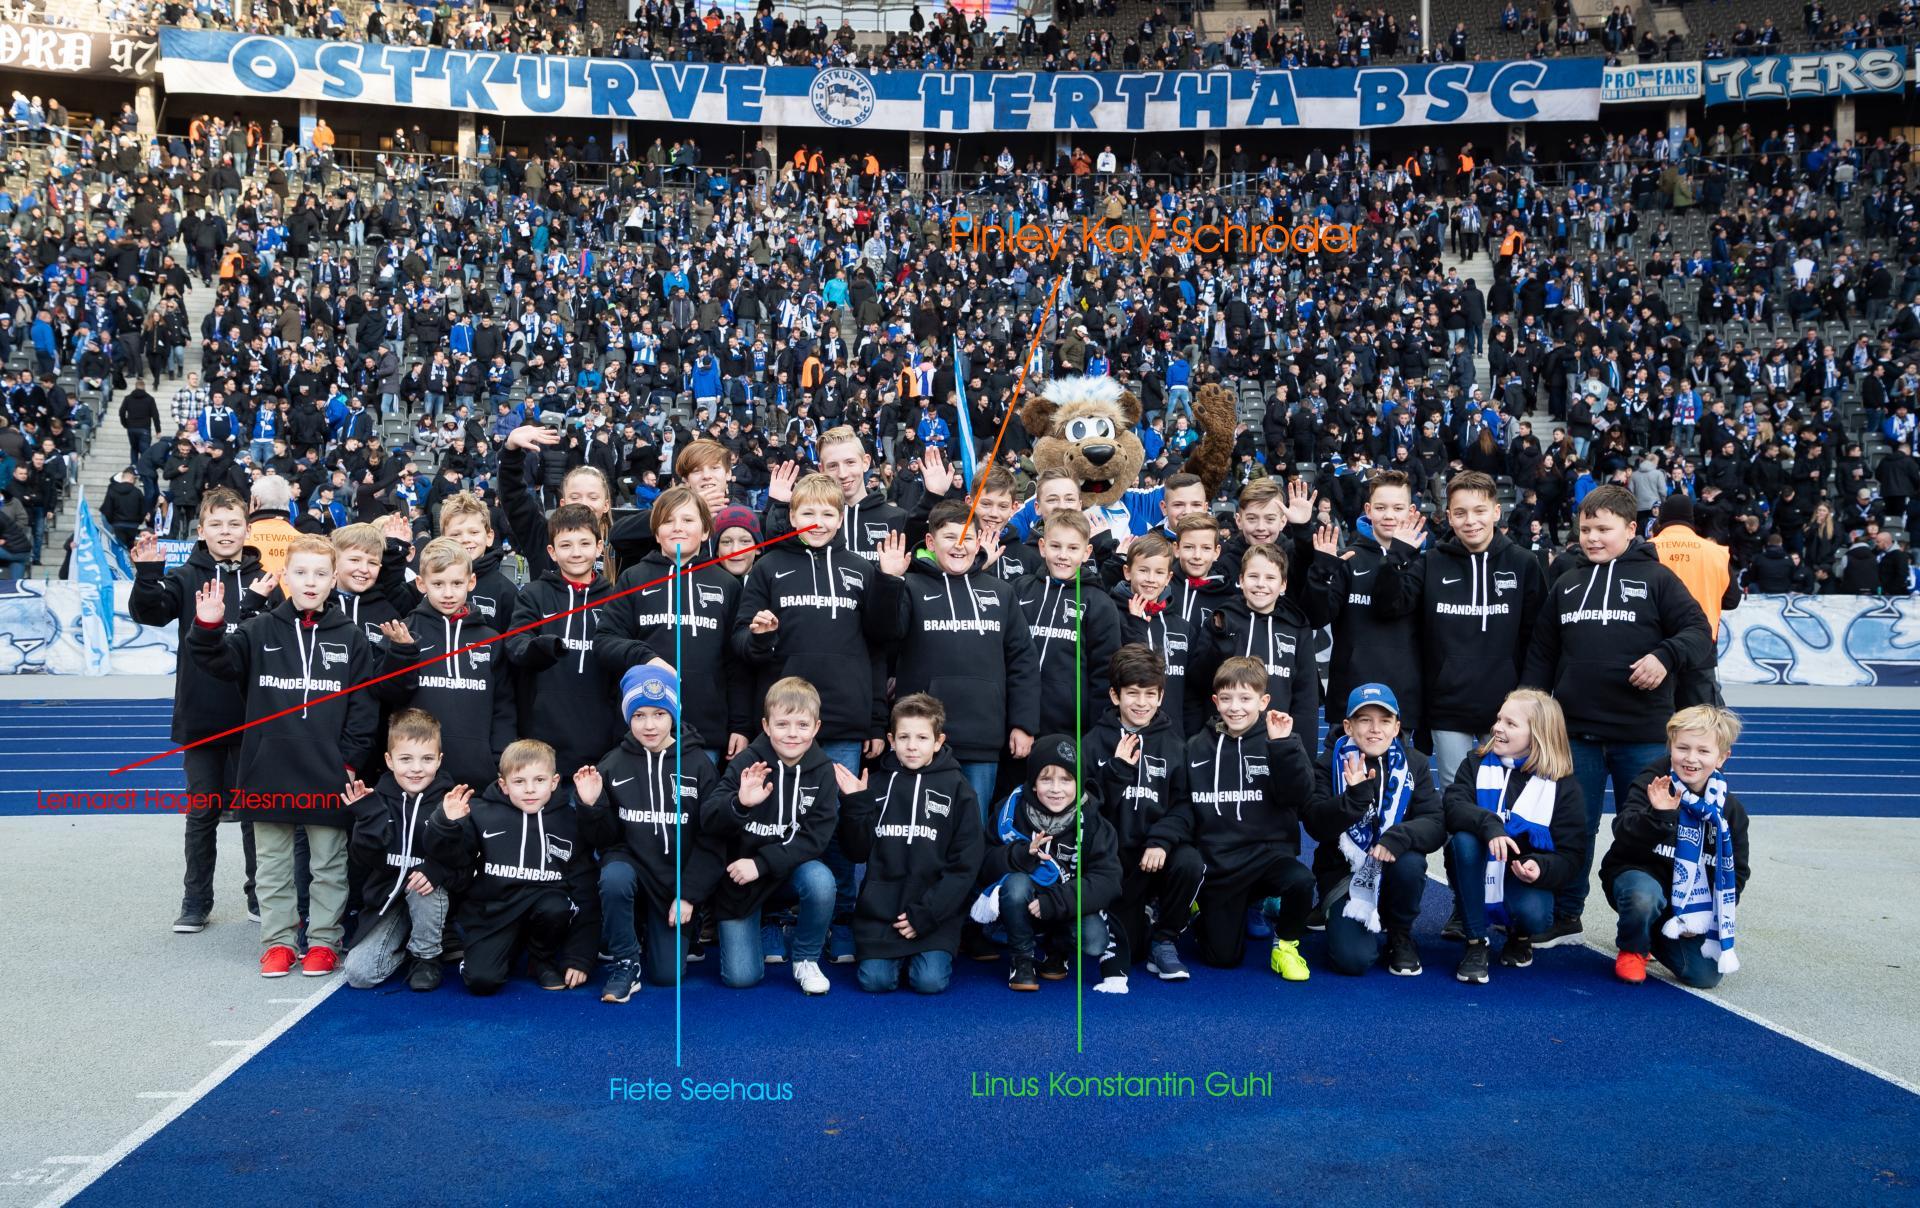 Spalier- und Fahnenkinder der Rolandschule im Einsatz_Citypress_08.02.2020